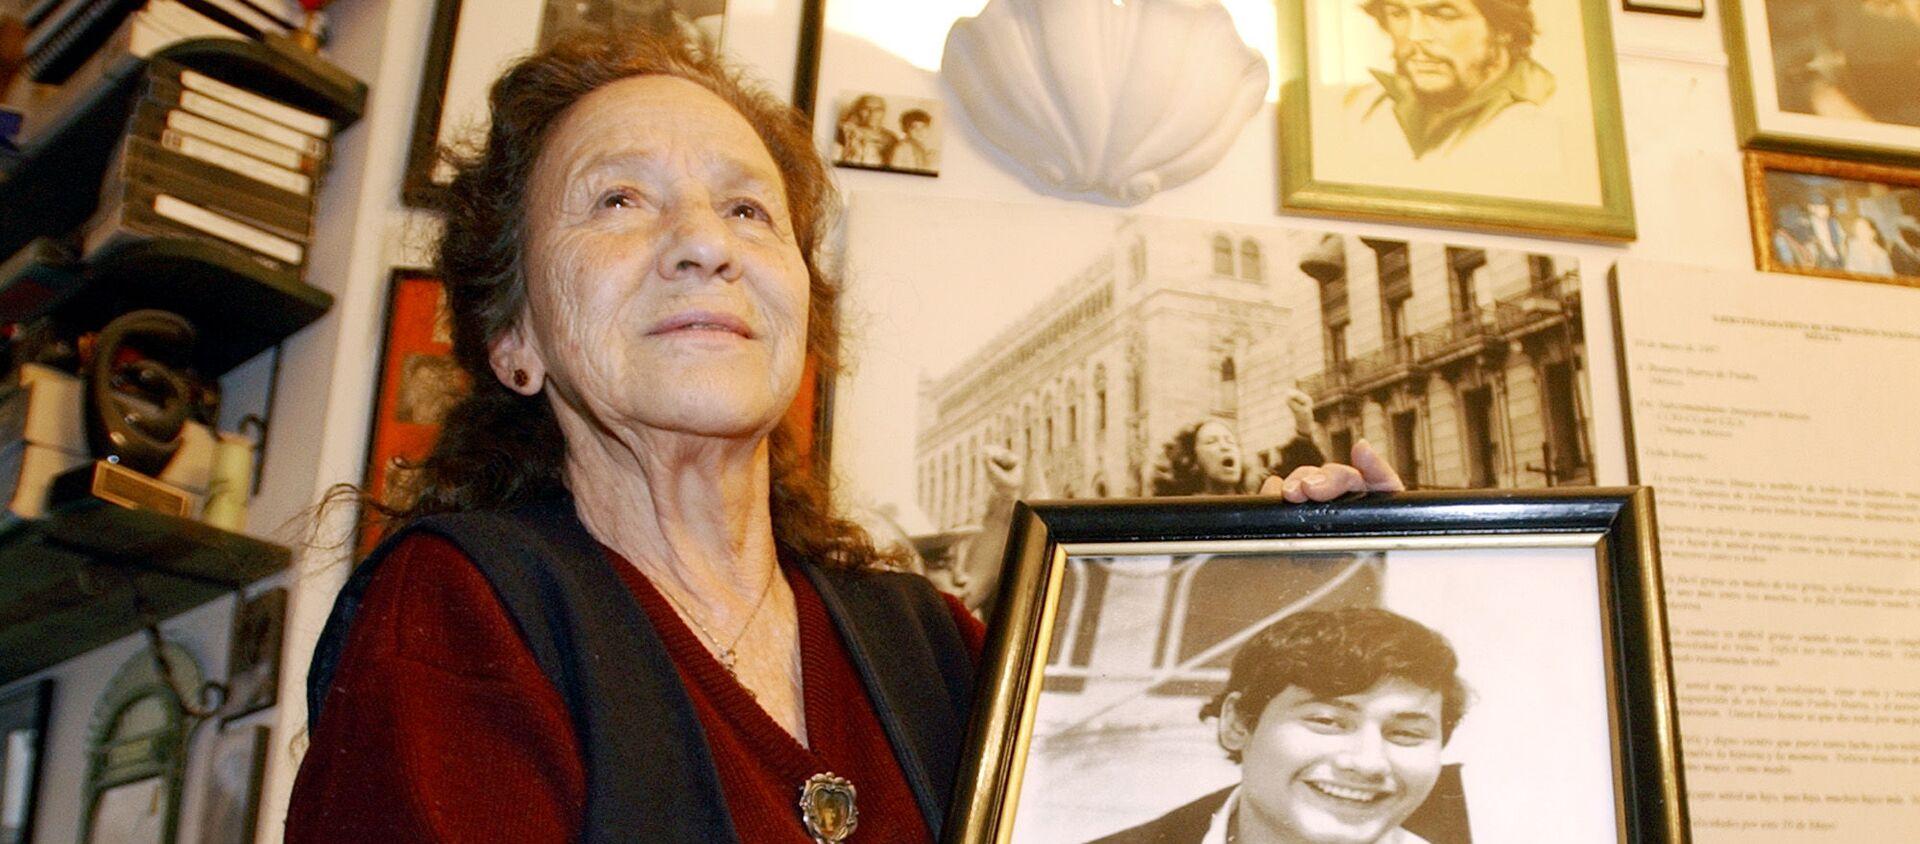 Rosario Ibarra de Piedra con un retrato de su hijo, Jesús Piedra Ibarra - Sputnik Mundo, 1920, 09.10.2019